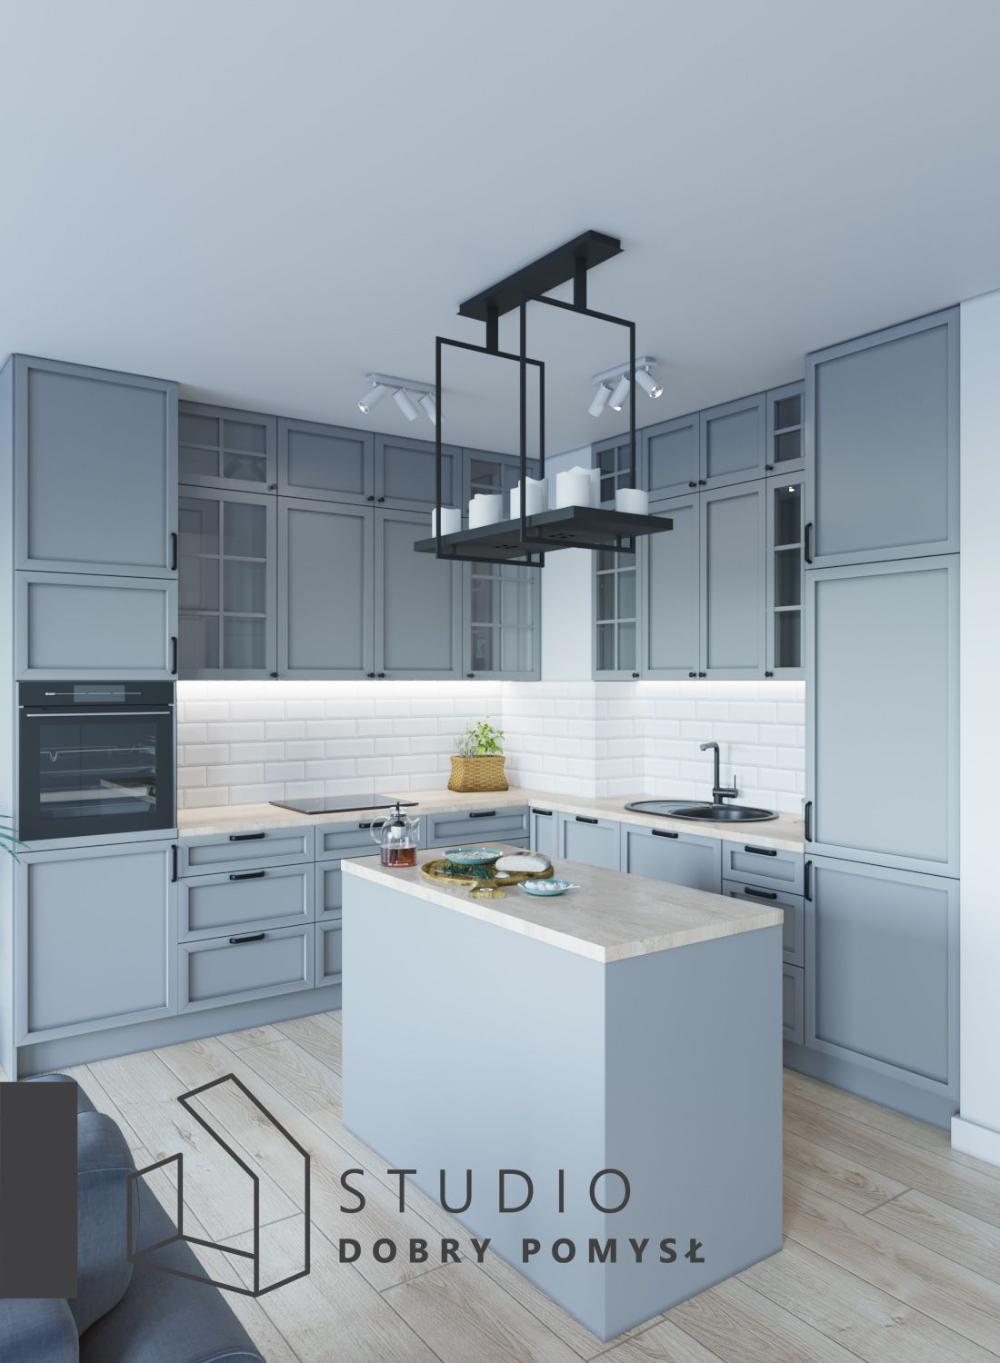 Szara Kuchnia Z Wyspa Zdjecie Studio Dobry Pomysl Home Home Decor Kitchen